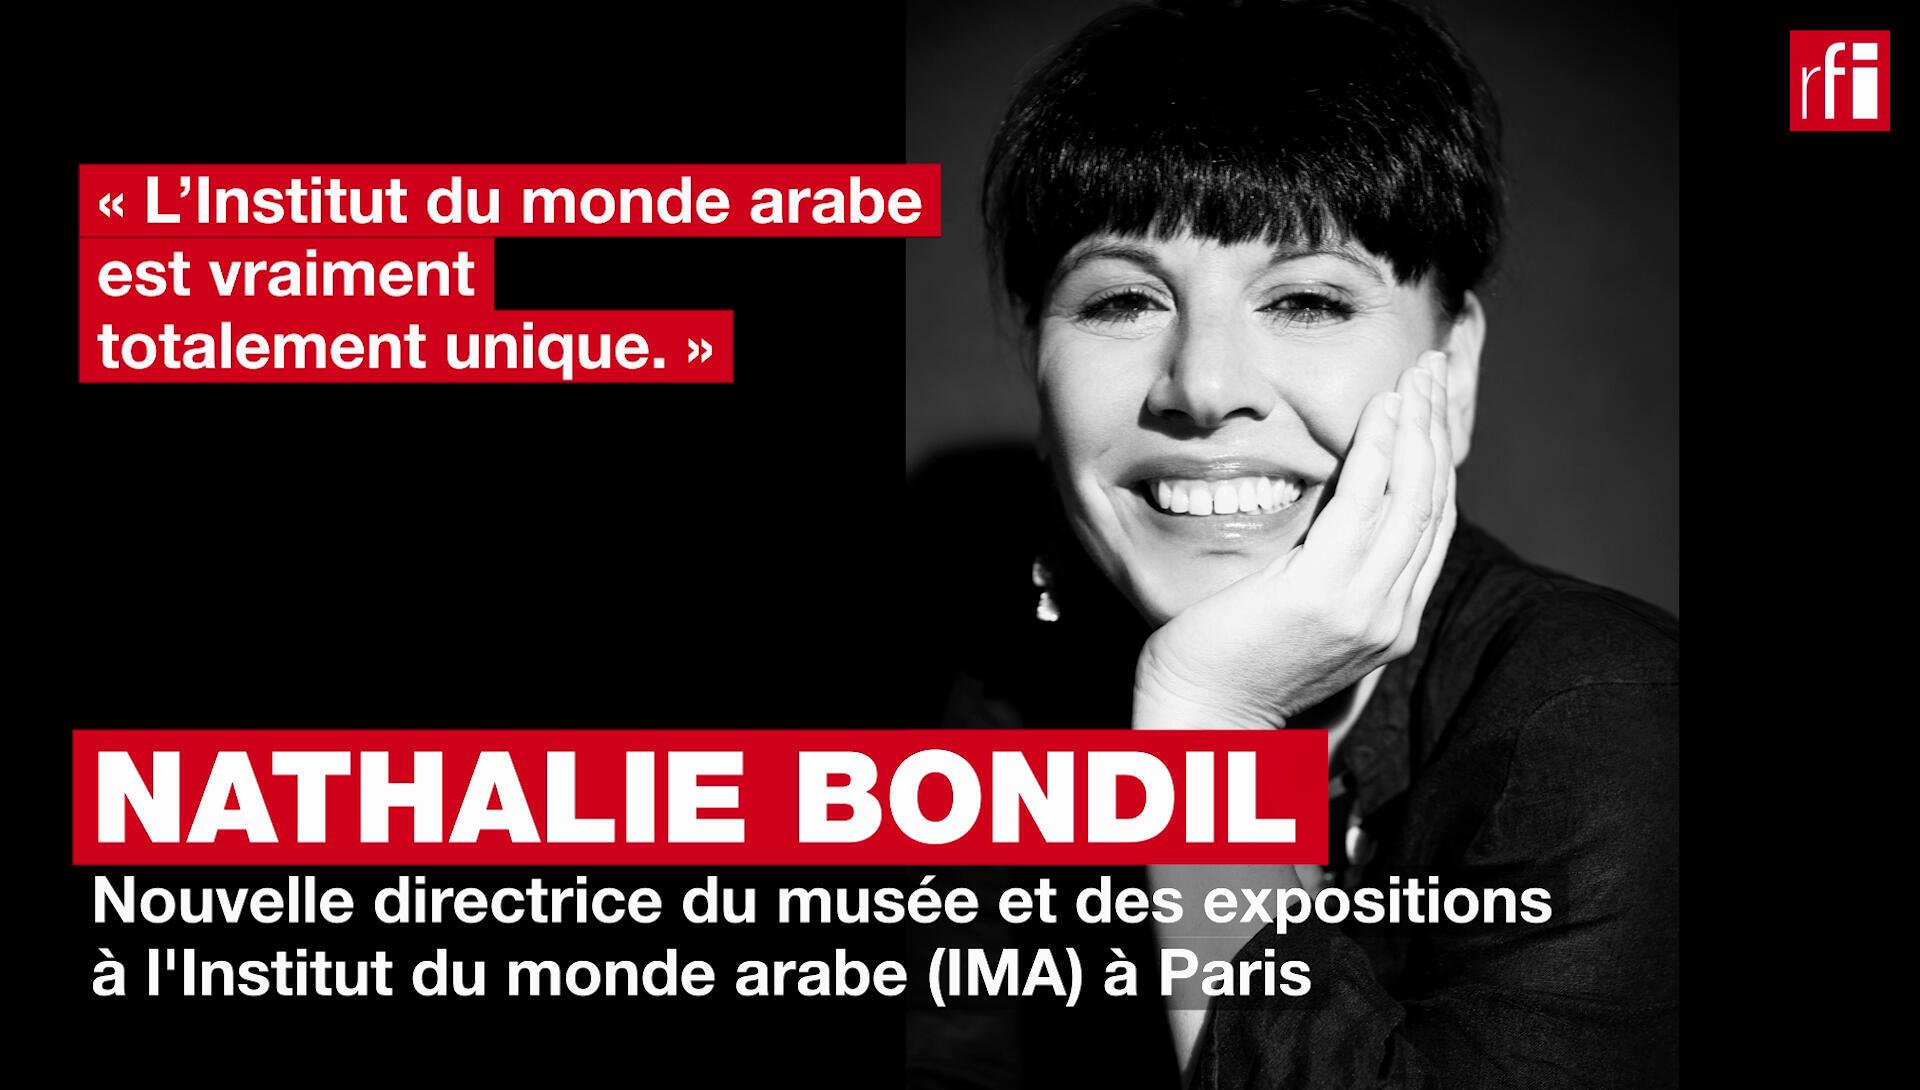 Nathalie Bondil: «Par son unicité, l'Institut du monde arabe a vraiment un rôle phare à jouer»